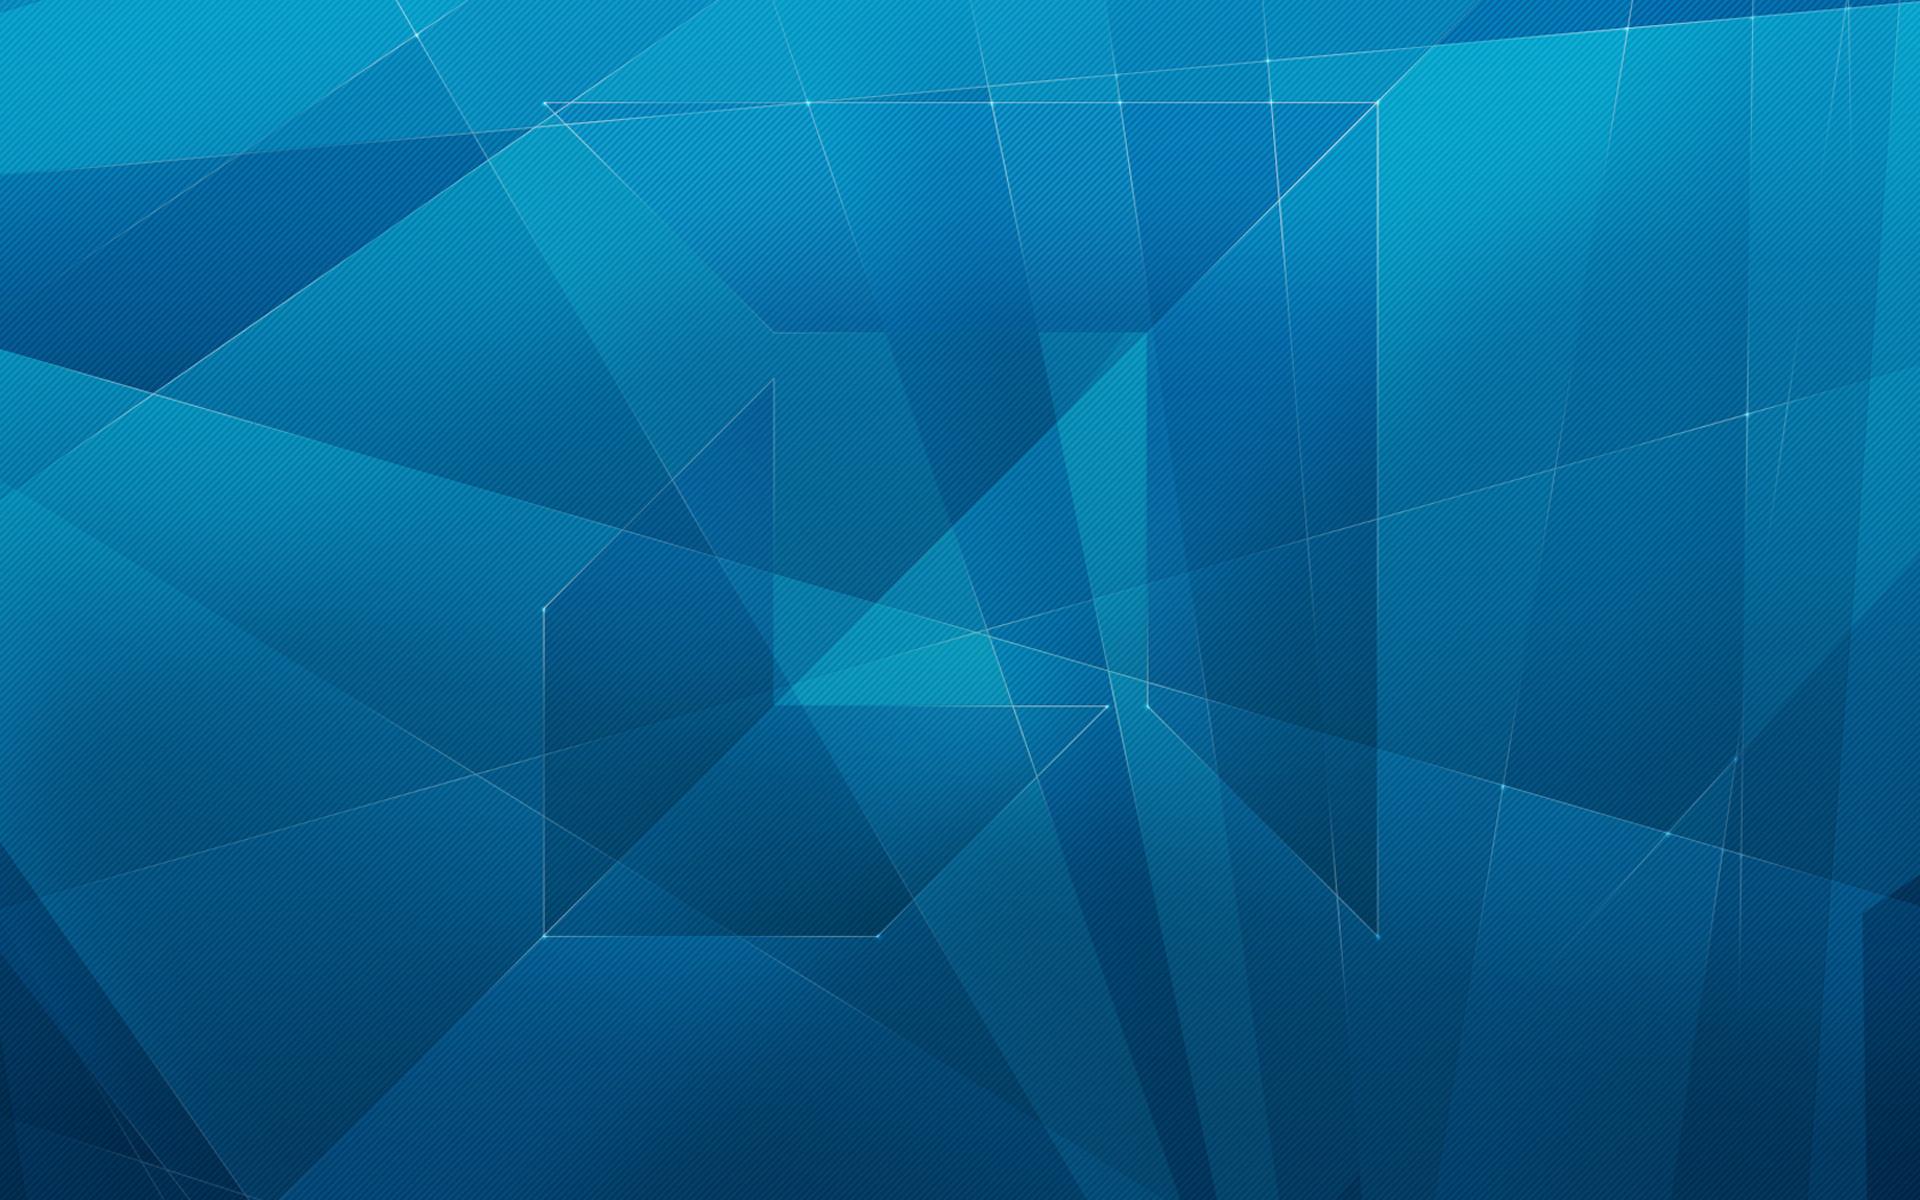 Azul Fondo De Pantalla Hd Fondo De Escritorio 1920x1200 Id